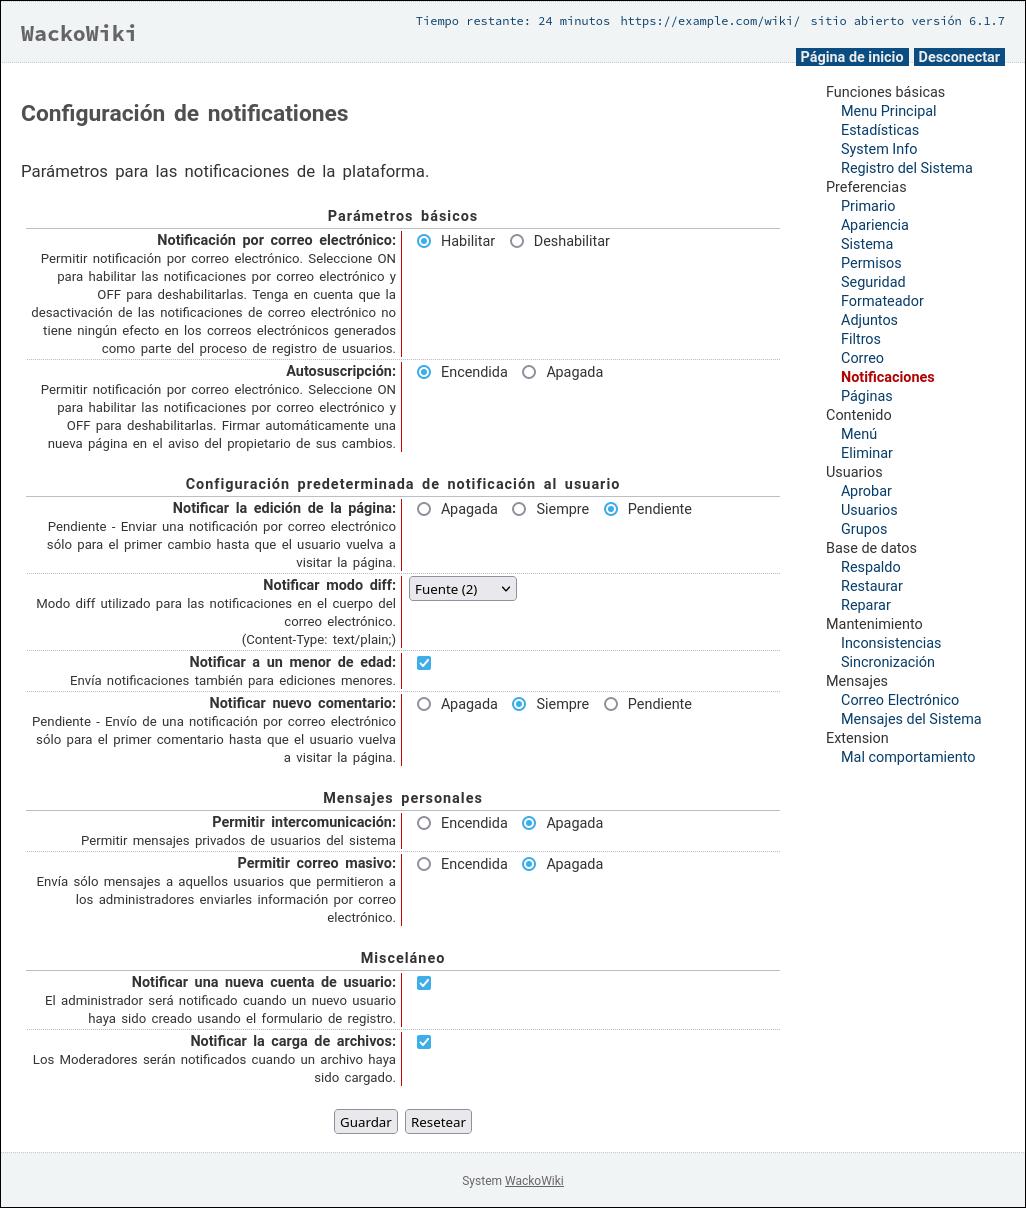 Configuración de notificationes